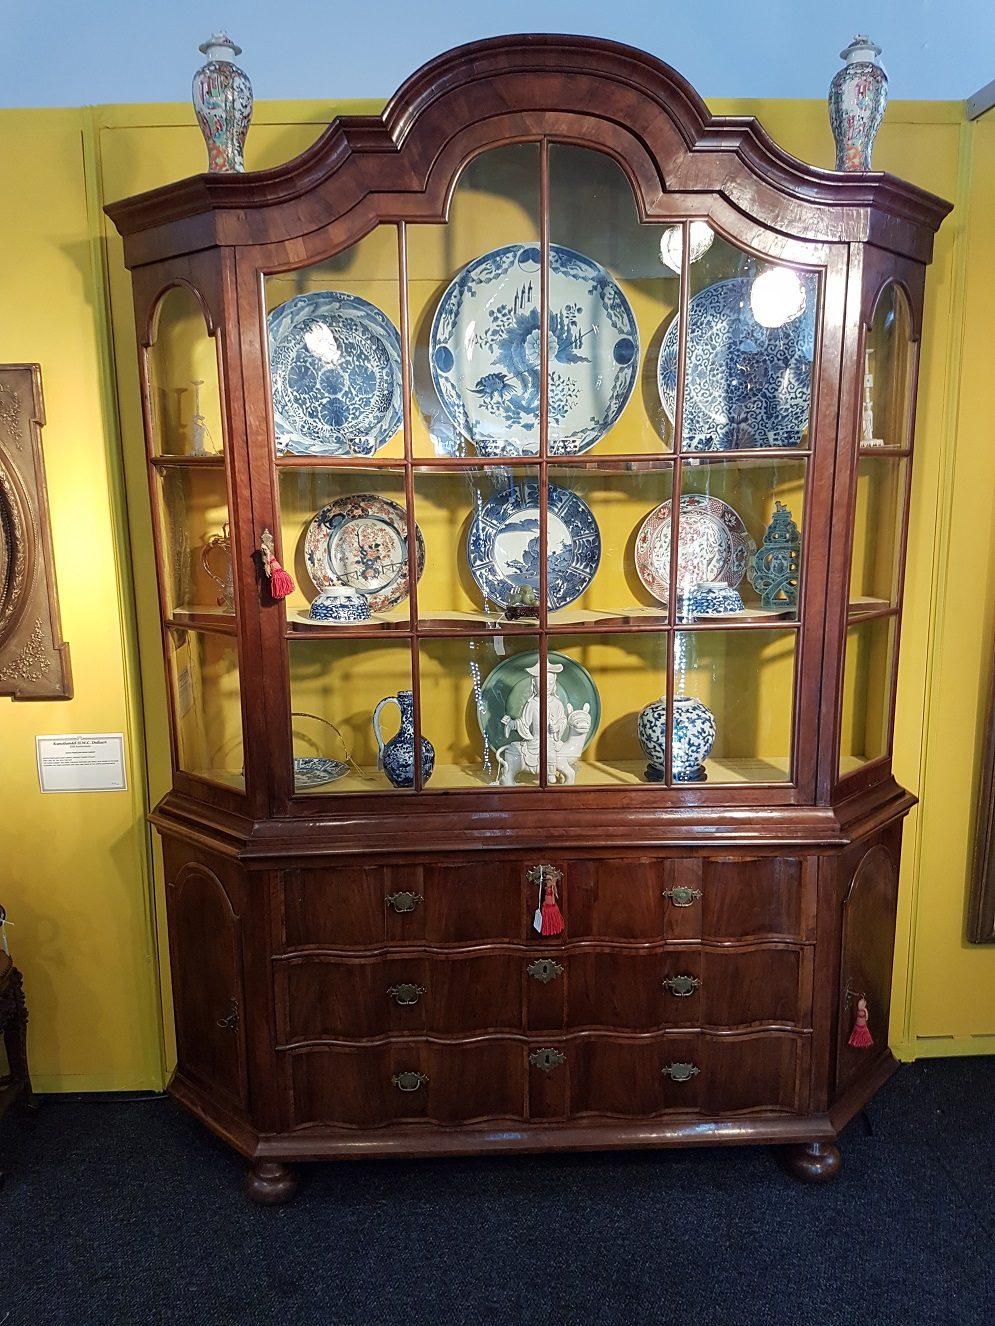 Dutch Display Cabinet - Dutch Colonial Furniture